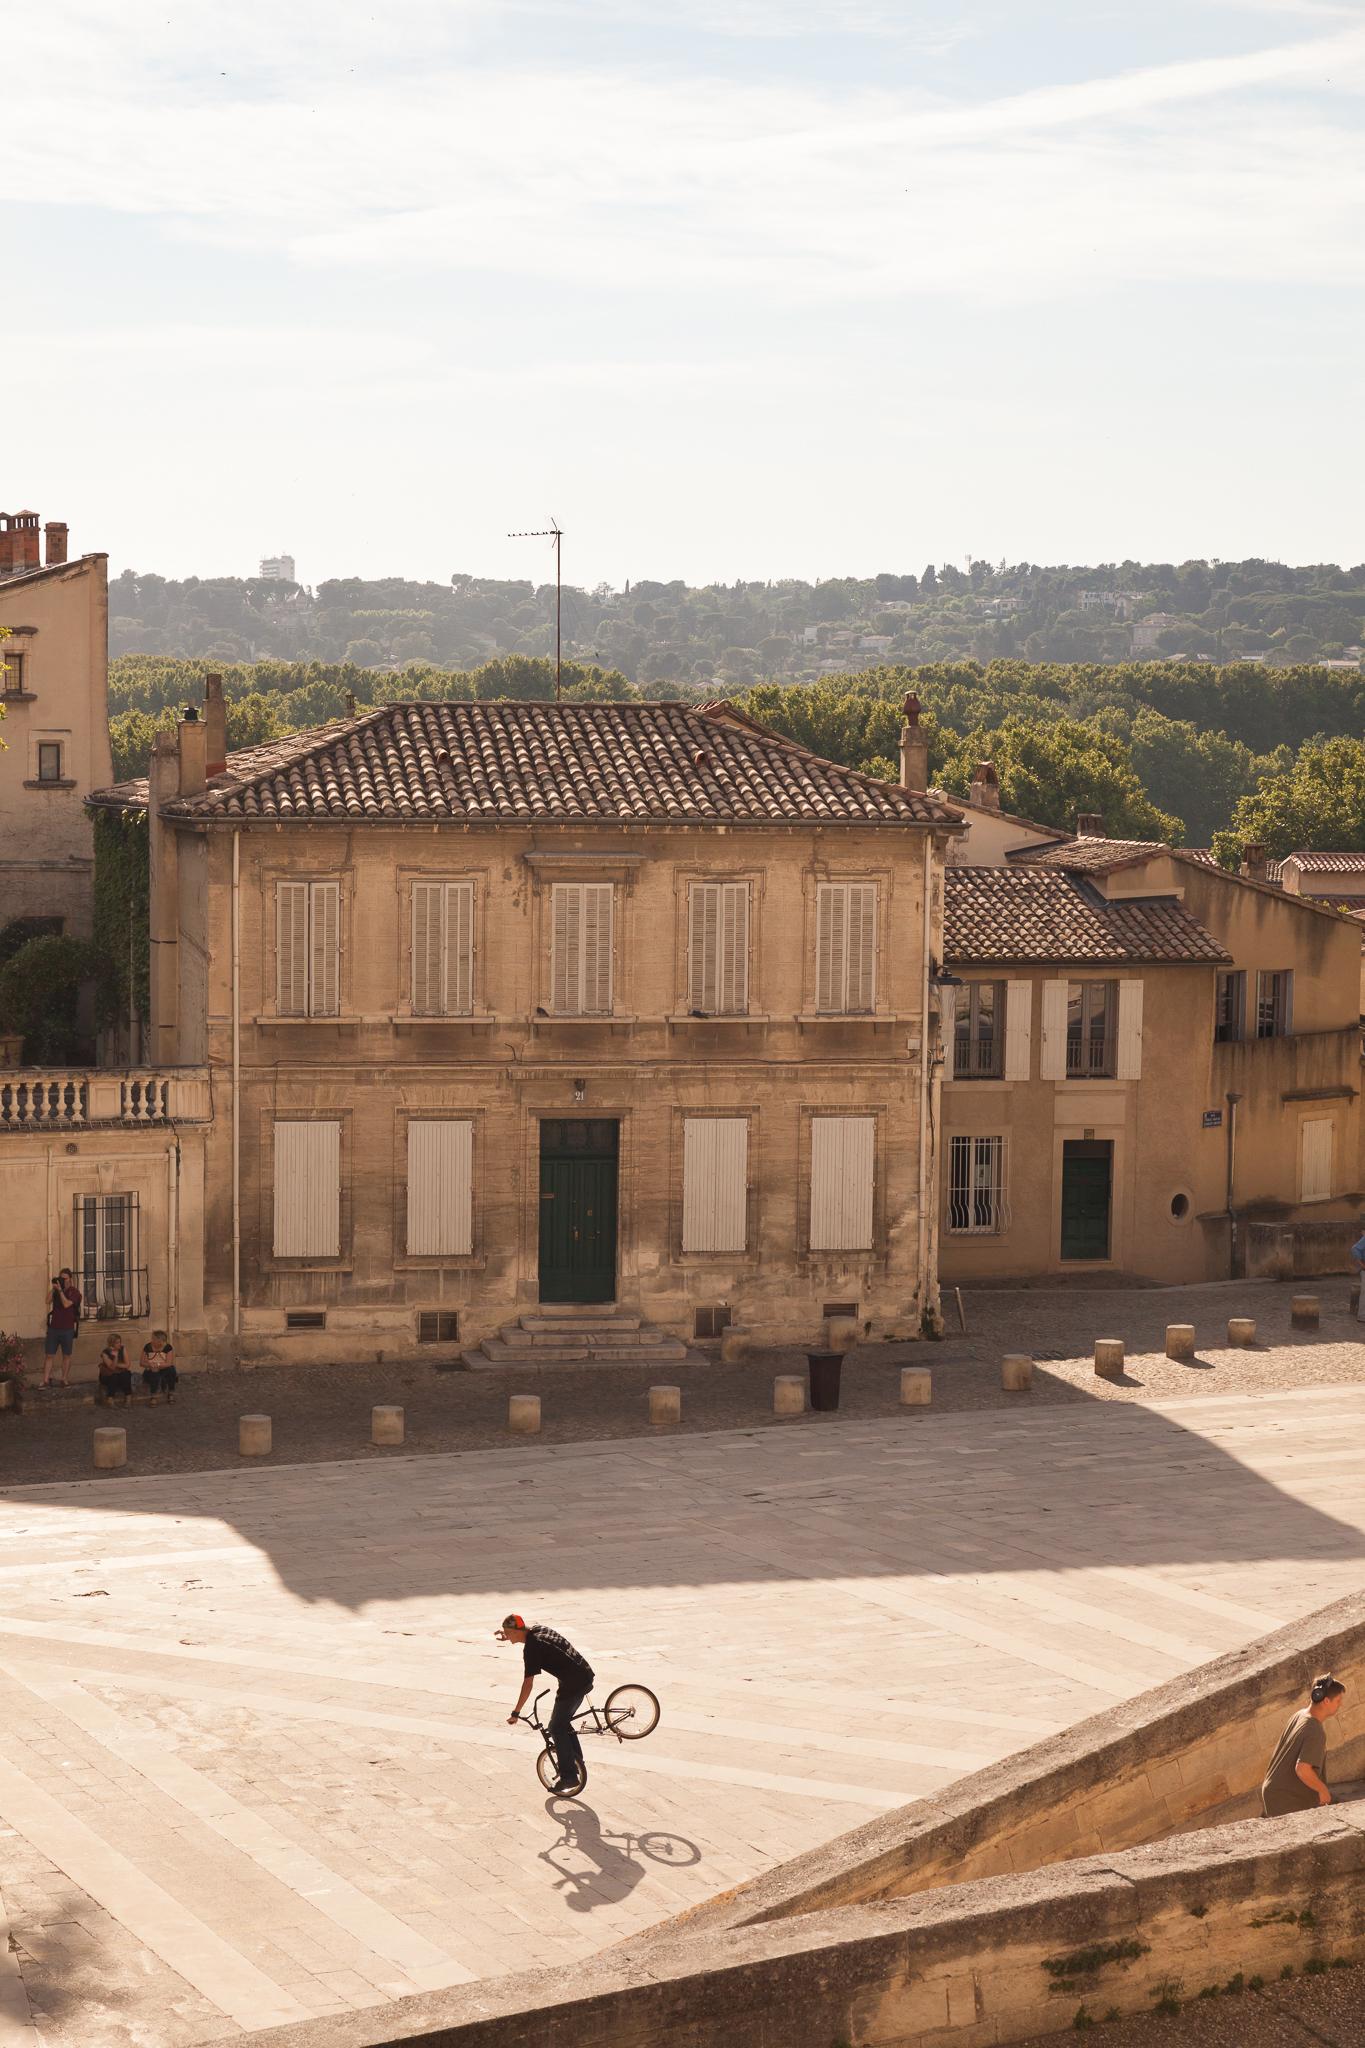 Avignon, France - 2017